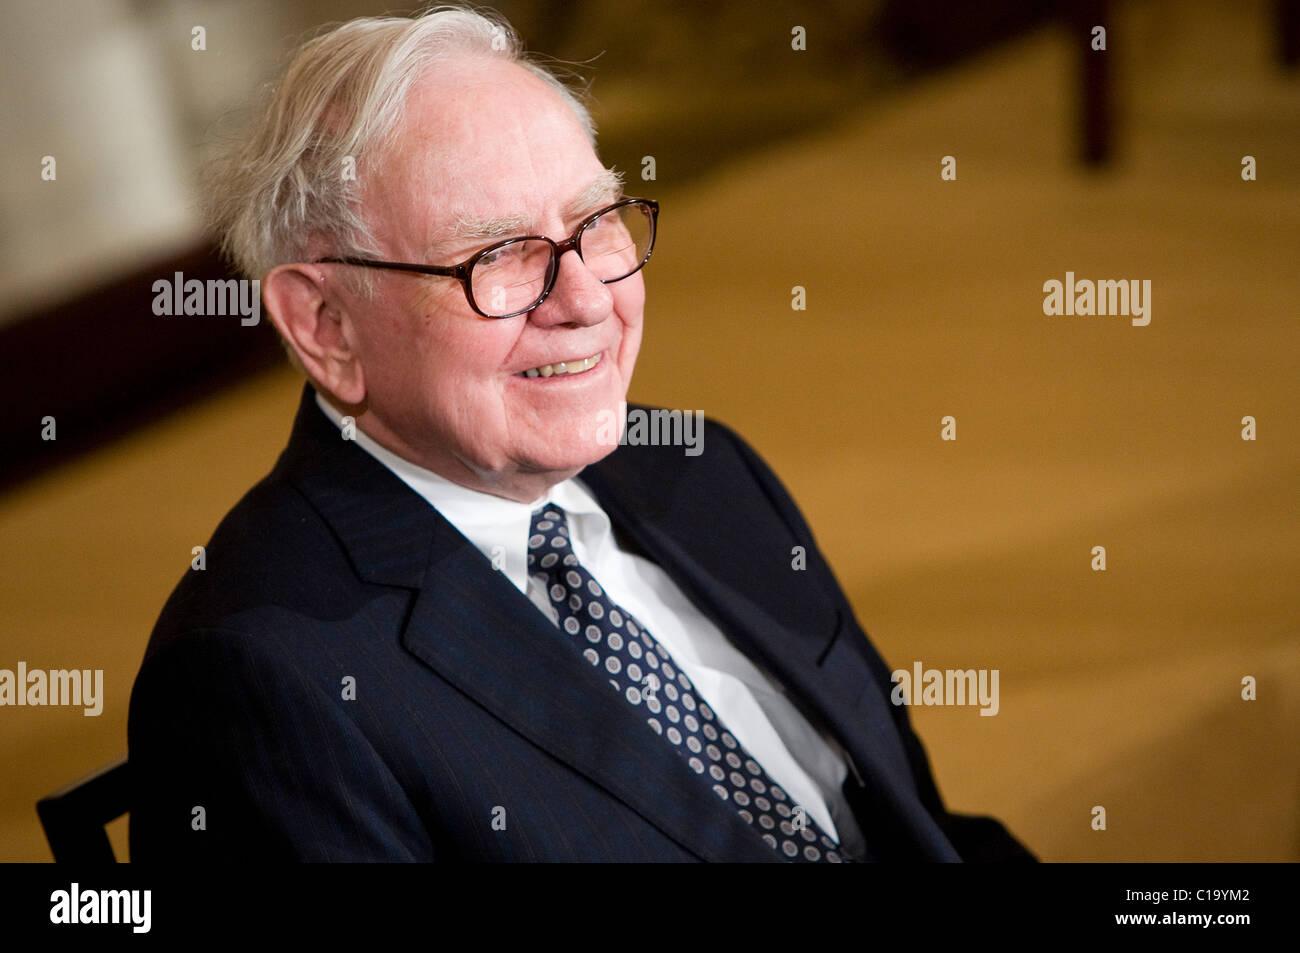 Businessman Warren Buffett. Stock Photo